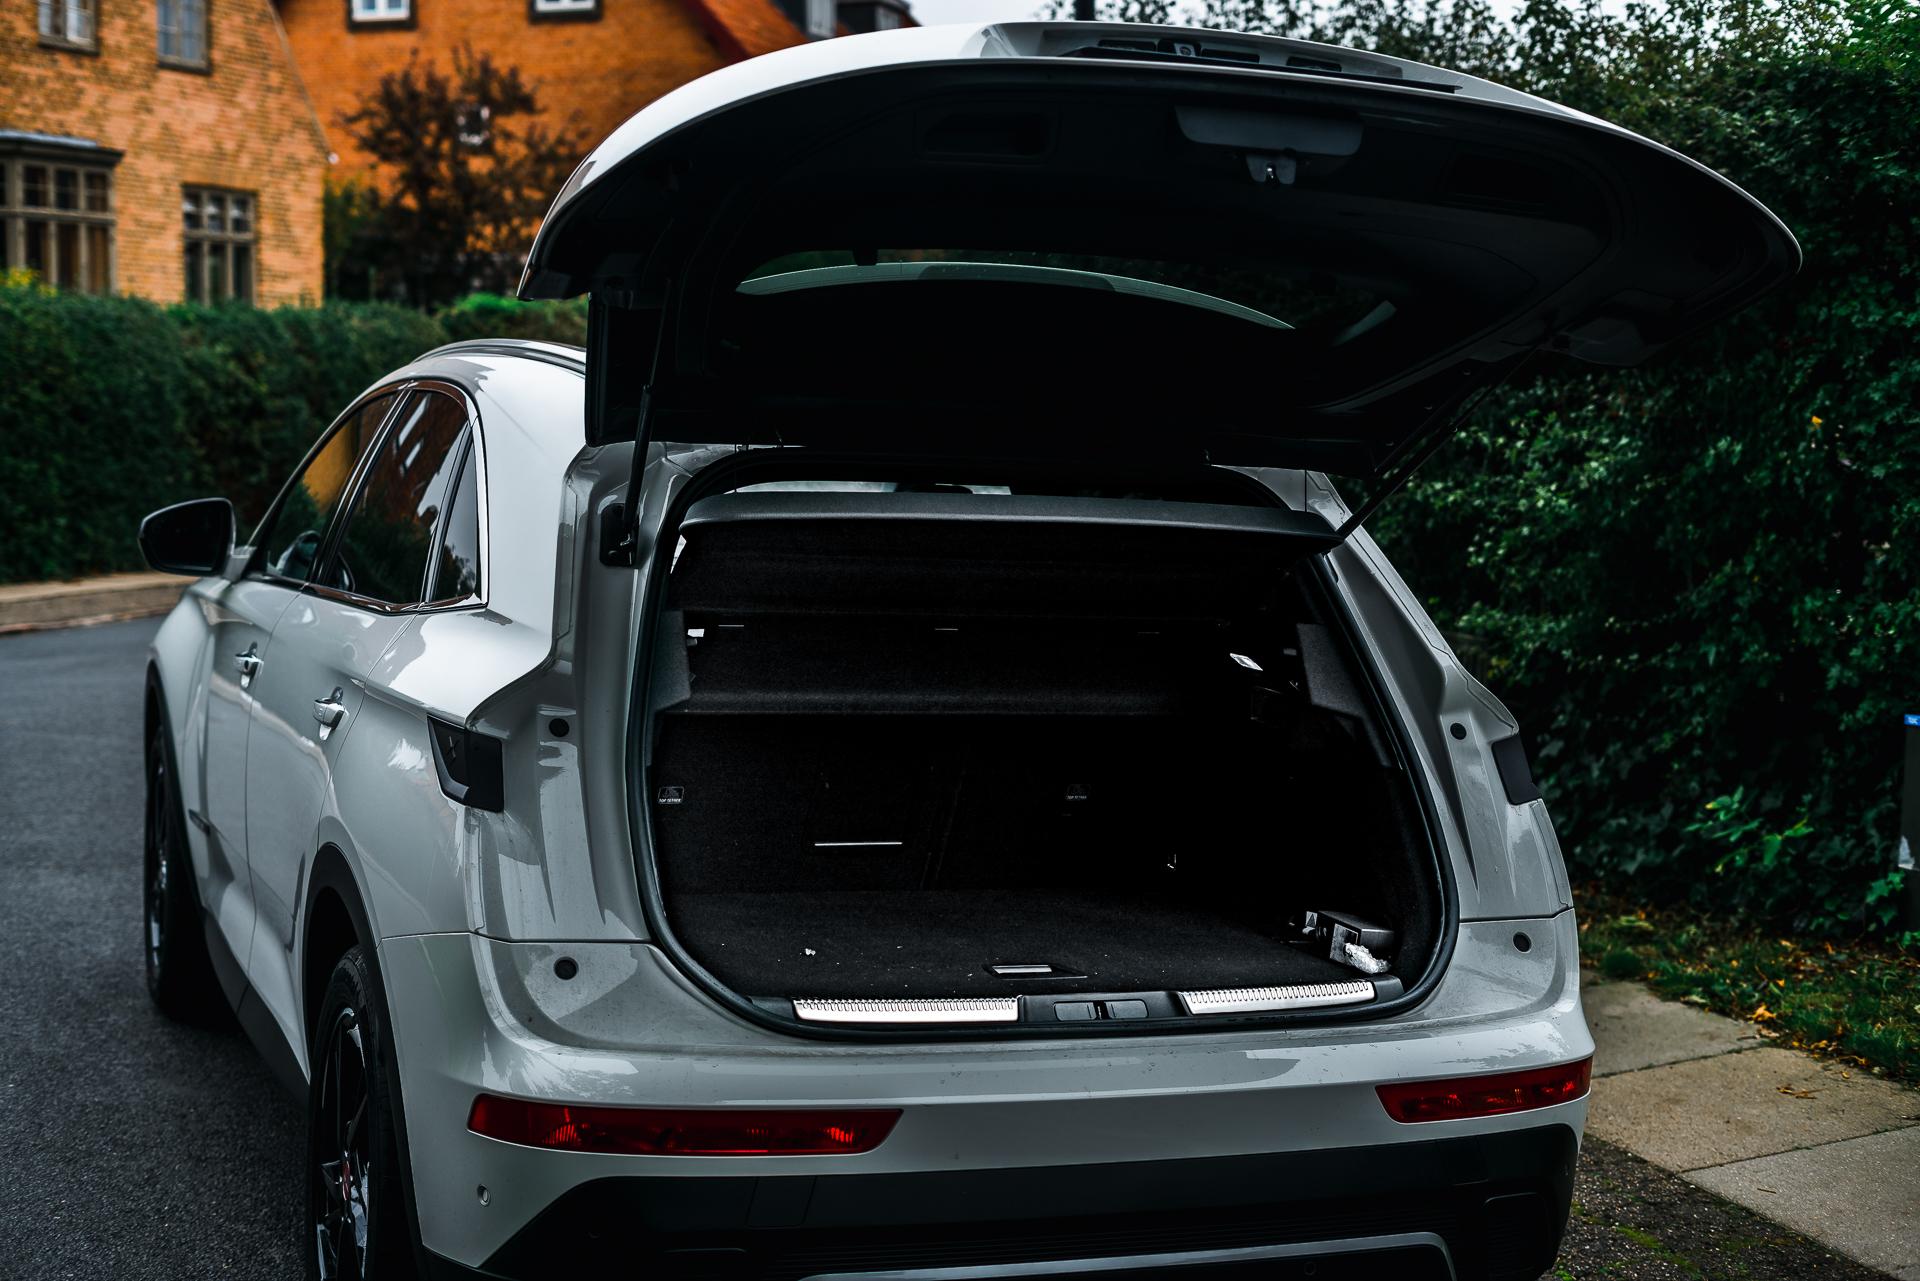 DS 7 Crossback hvid åbent bagagerum